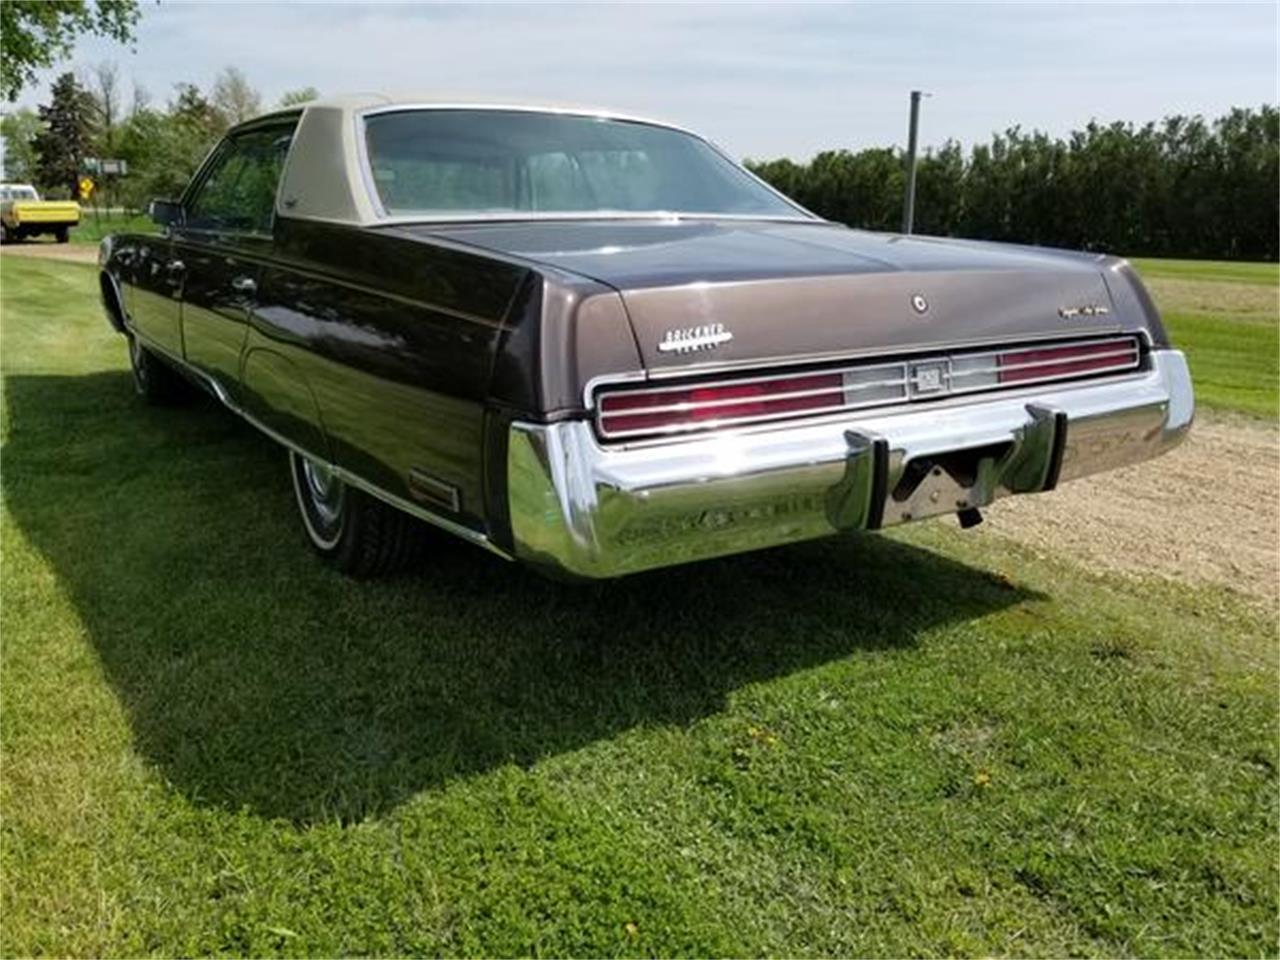 1975 Chrysler New Yorker (CC-1193203) for sale in New Ulm, Minnesota